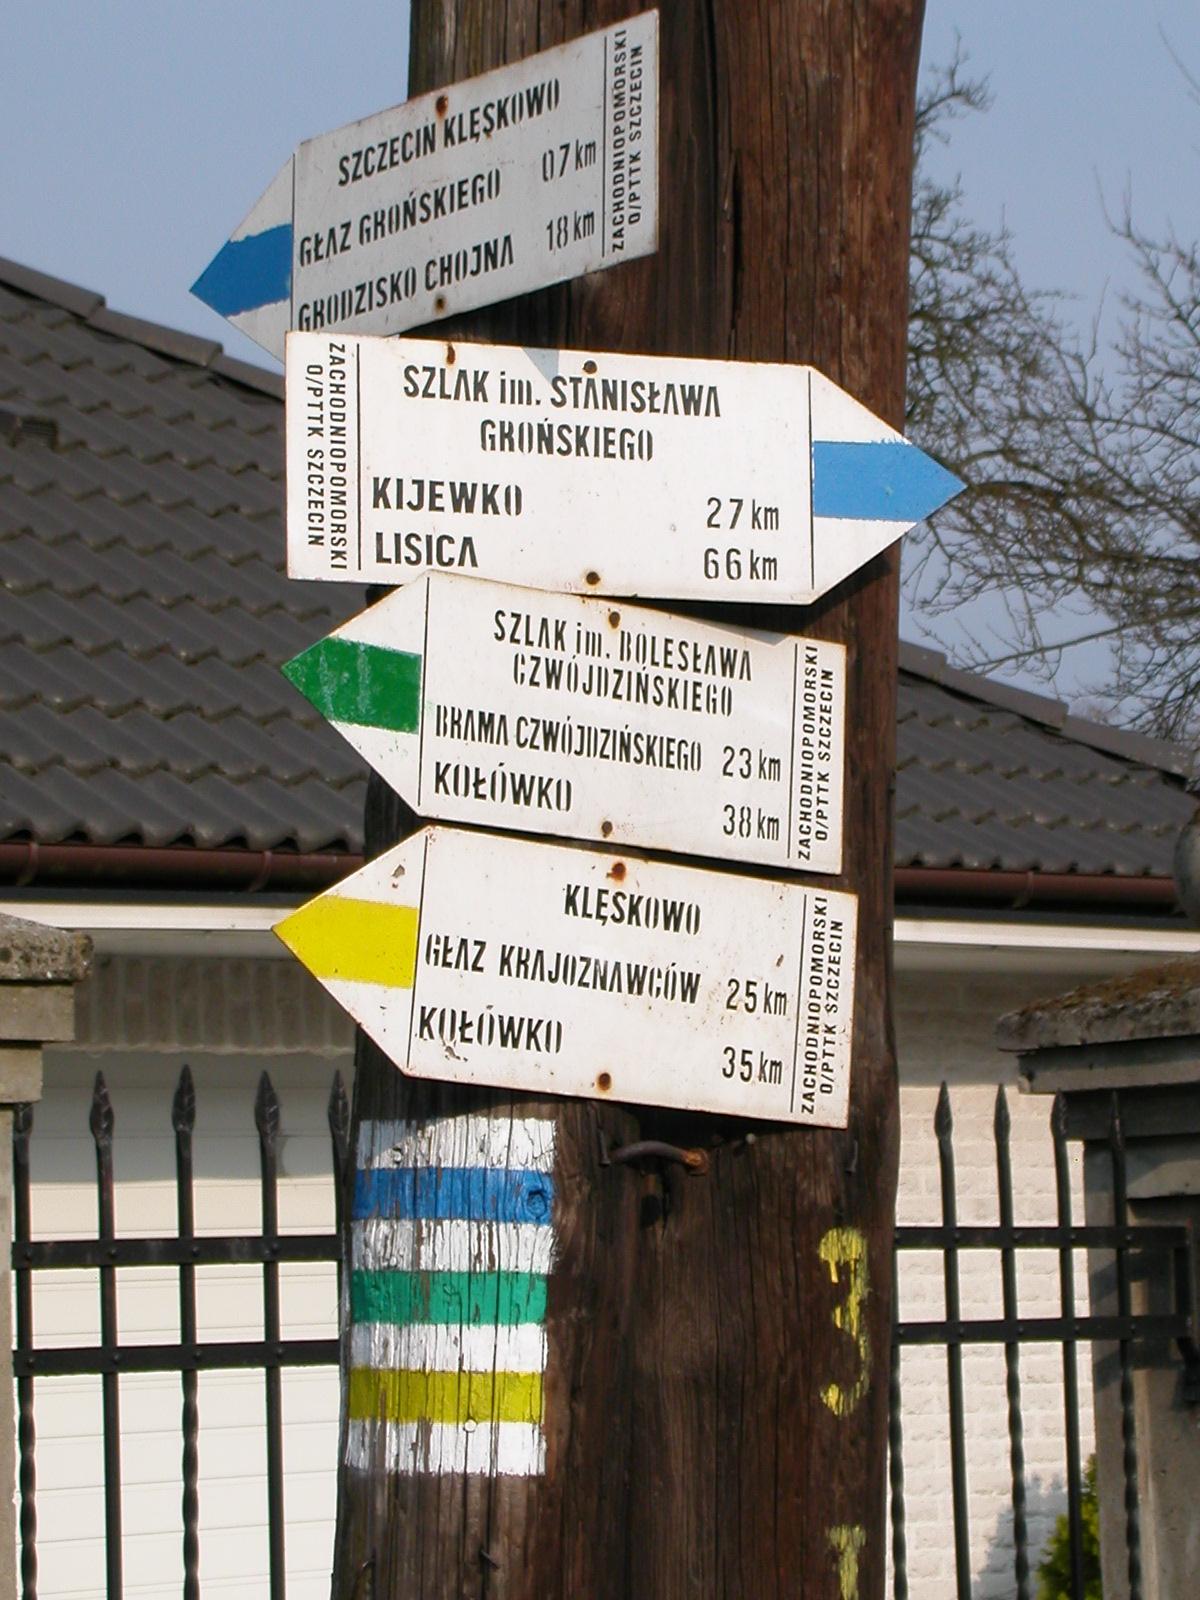 Szczecin-Kleskowo_PTTK_trails_2006.jpg